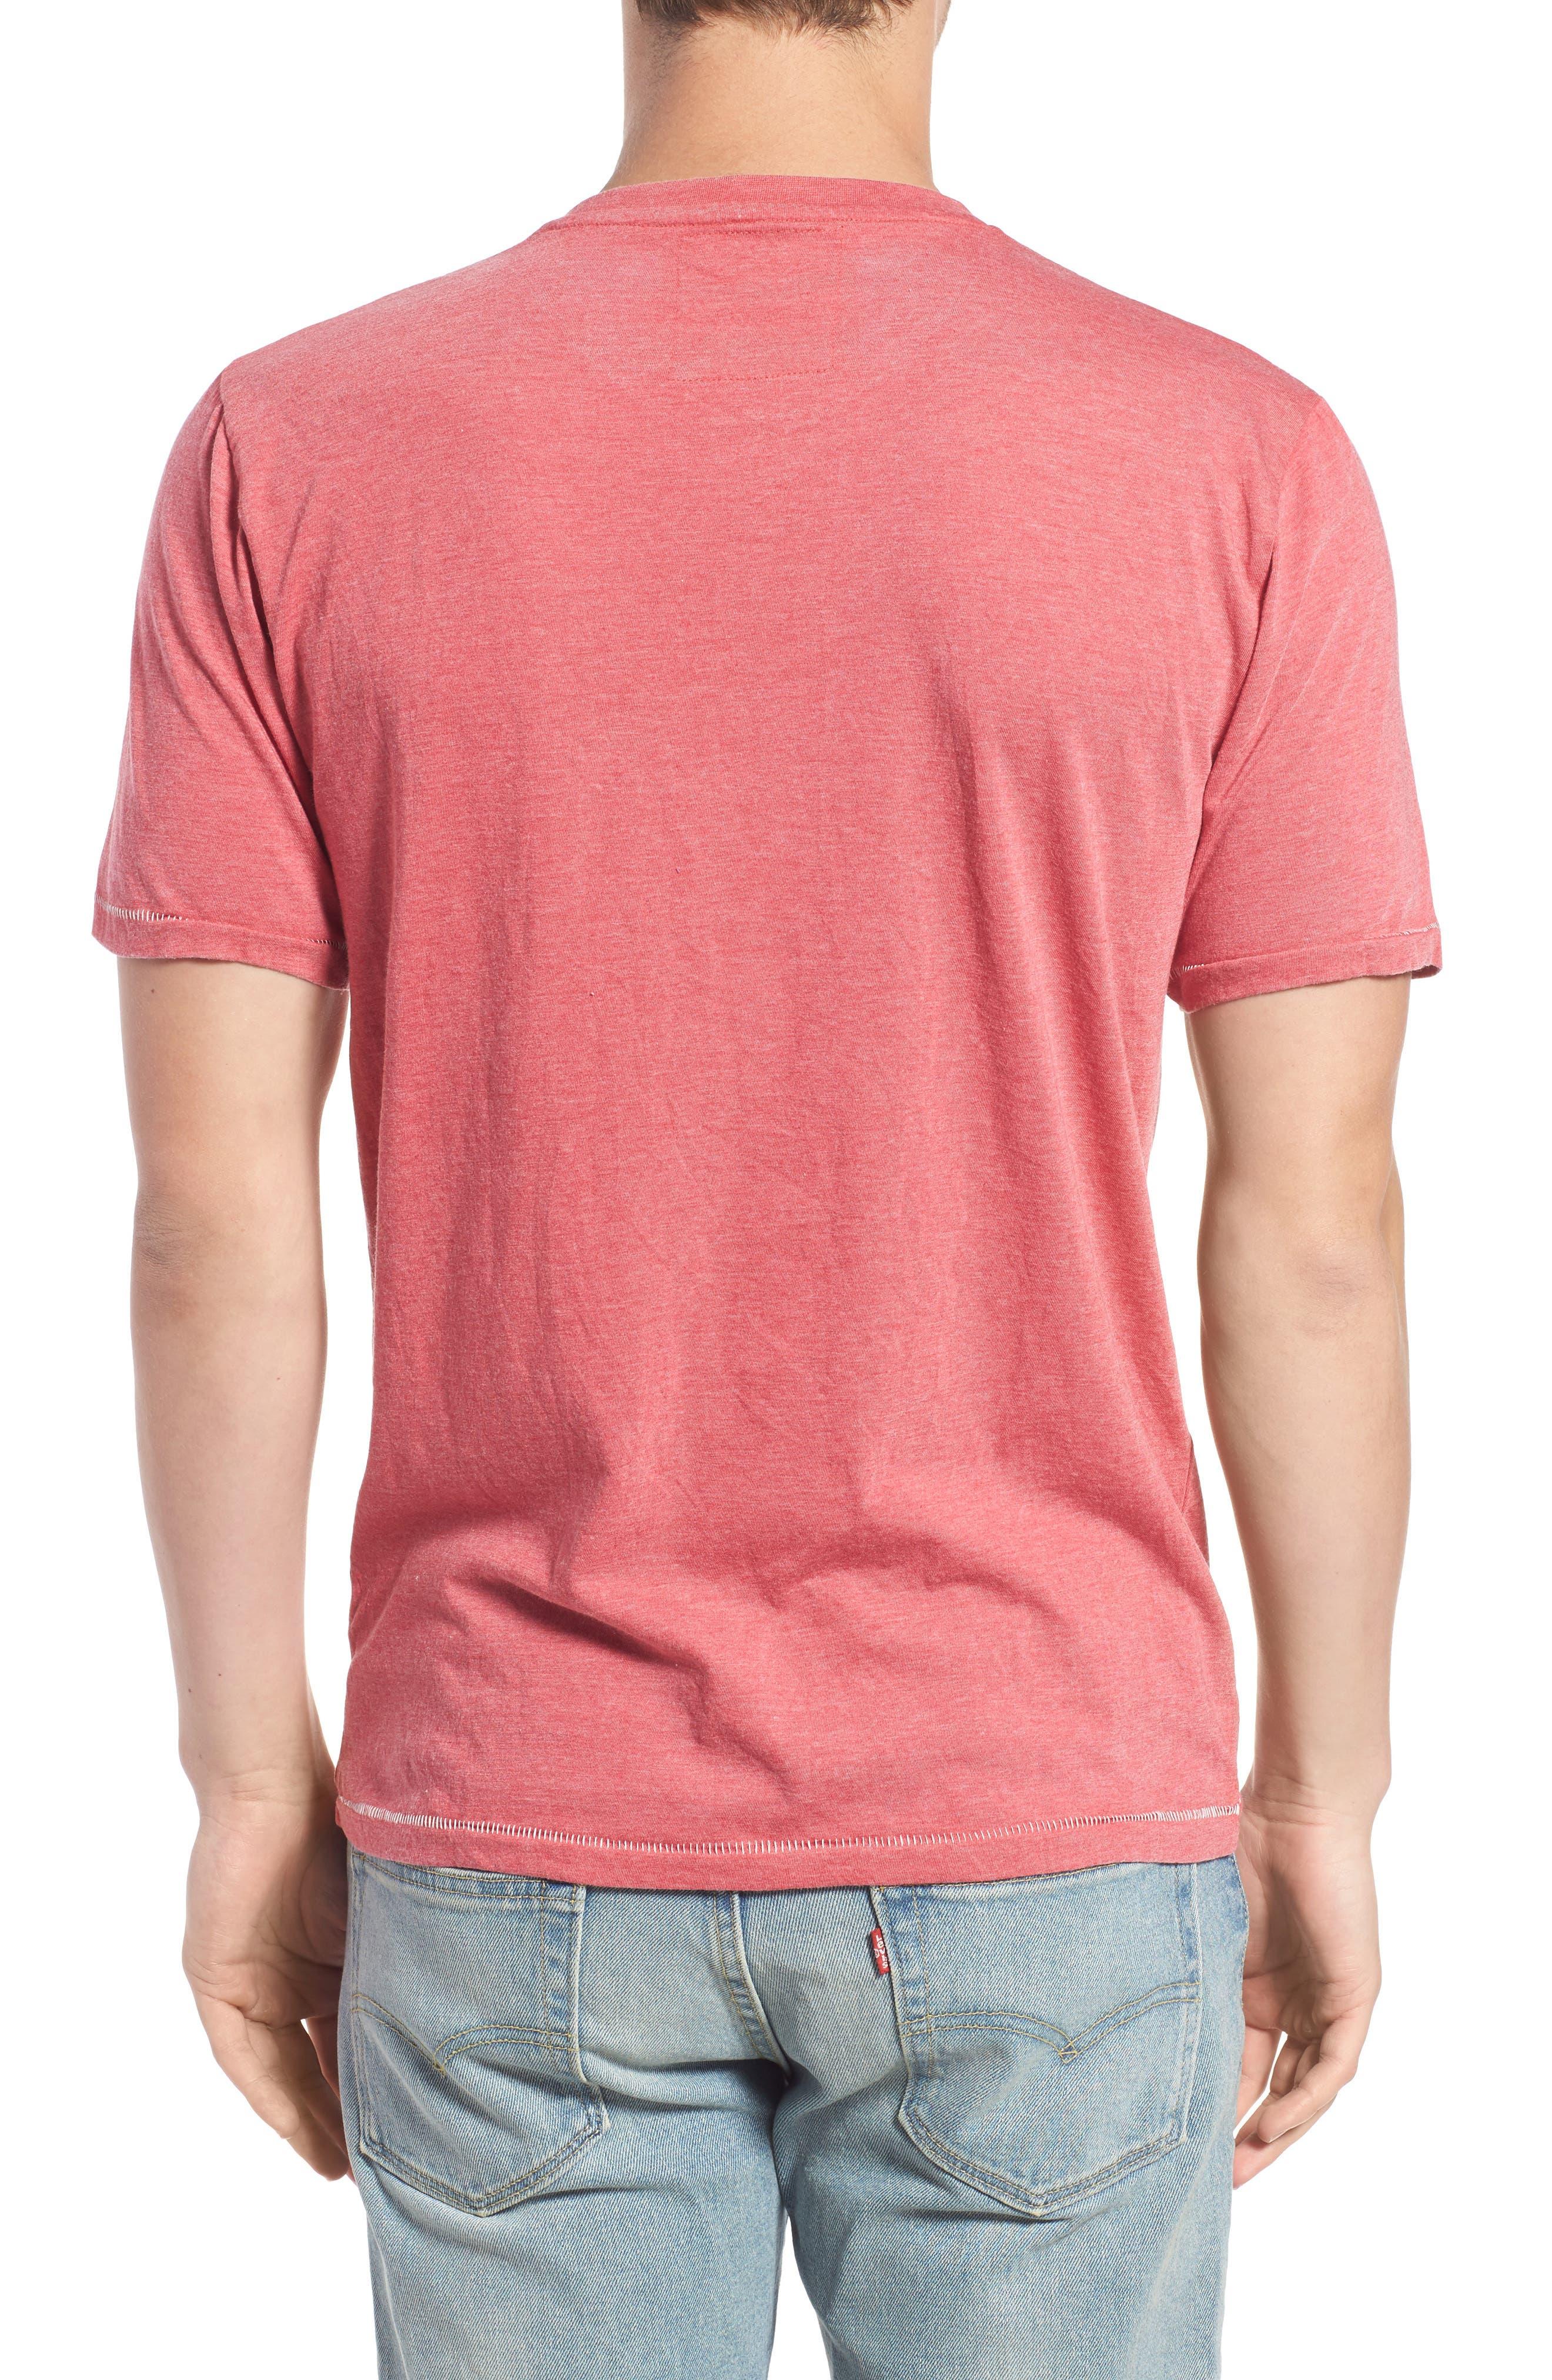 'Saint Louis Cardinals - Calumet' Graphic V-Neck T-Shirt,                             Alternate thumbnail 12, color,